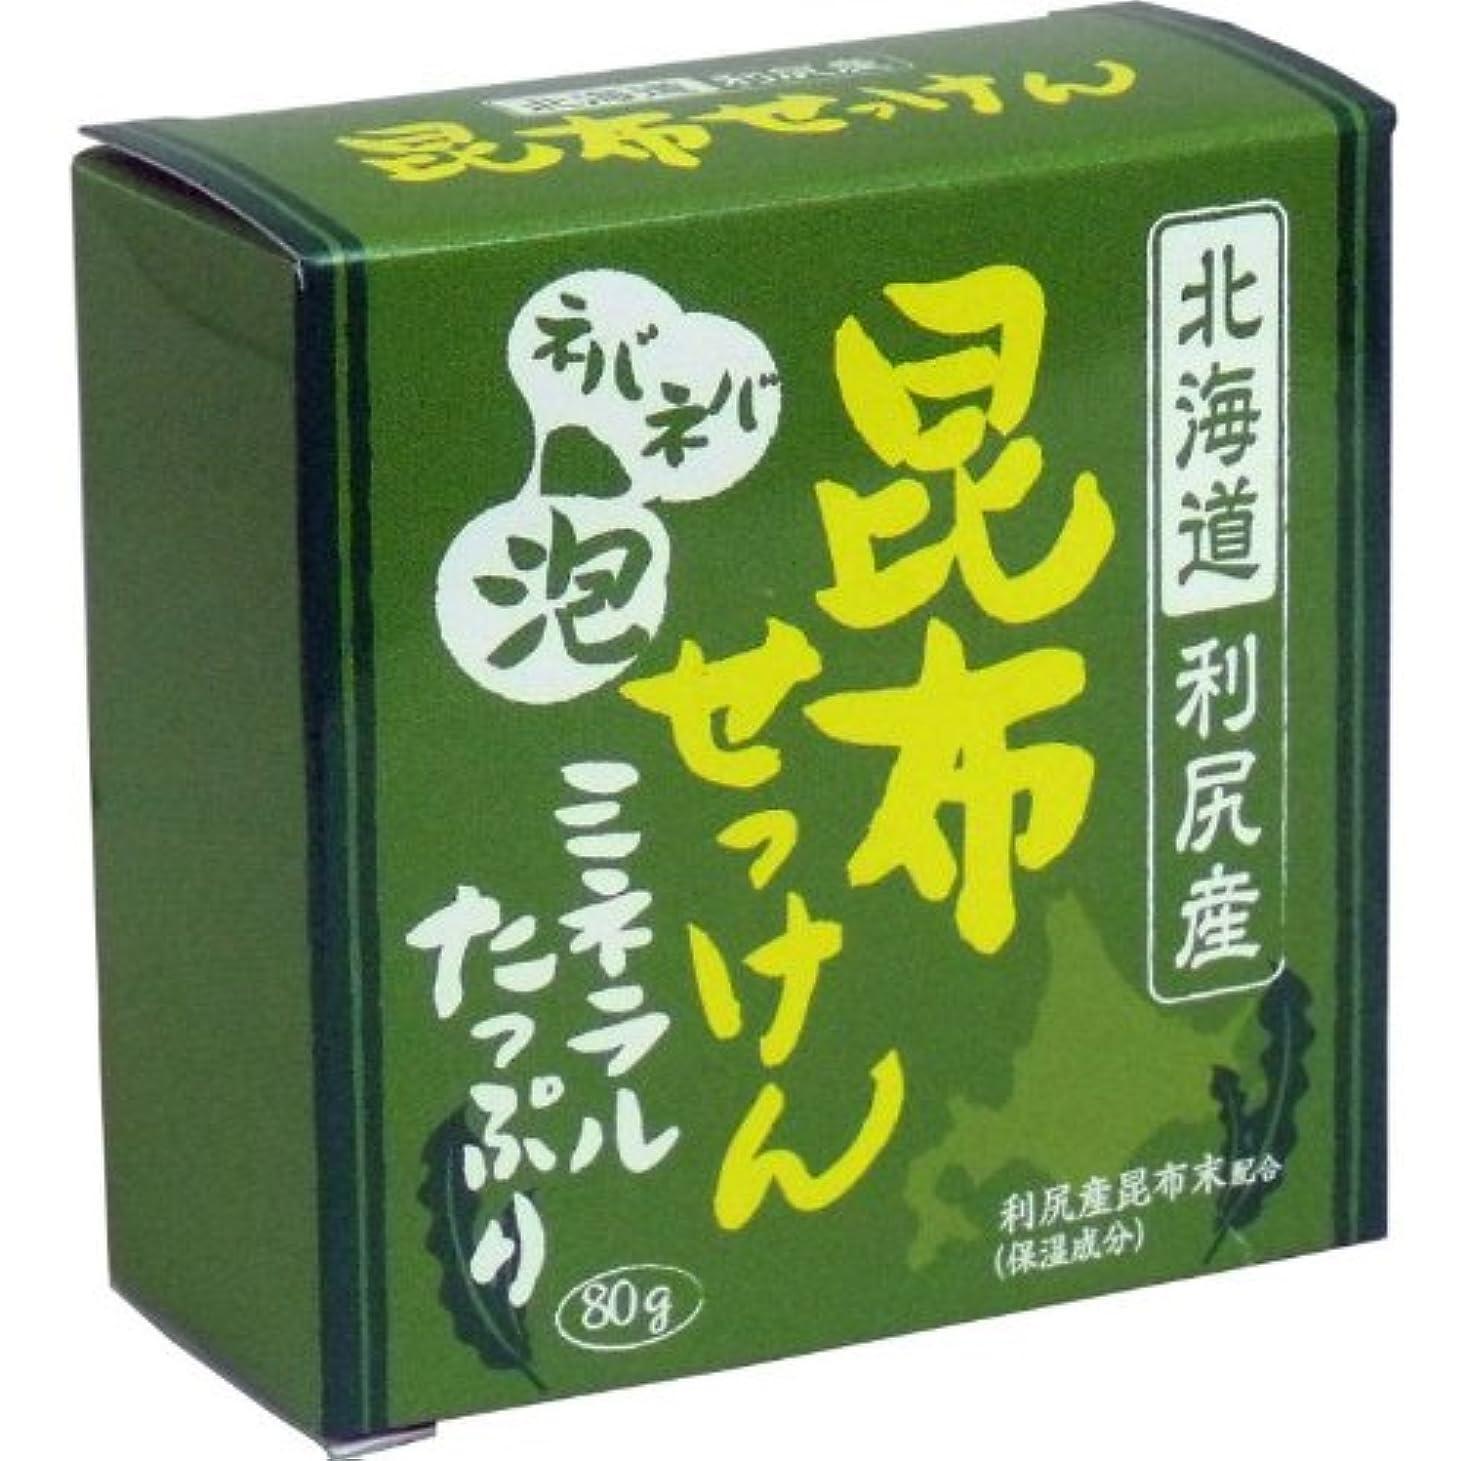 北海道利尻産昆布末配合!!ミネラルたっぷりの化粧石鹸です!3個セット